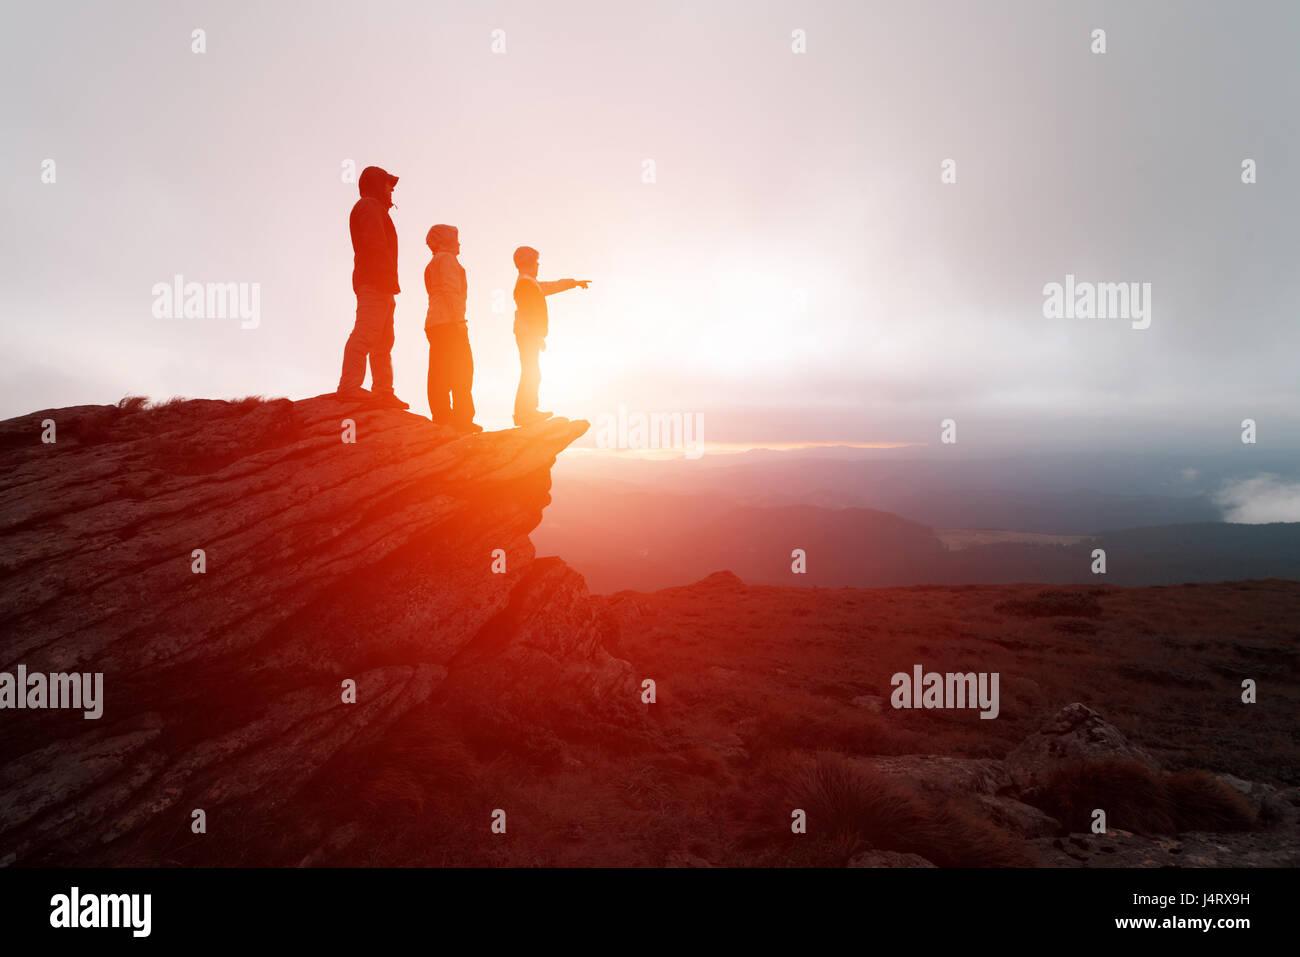 Familia de turistas alojados en el borde del acantilado con el telón de fondo de un increíble paisaje Imagen De Stock